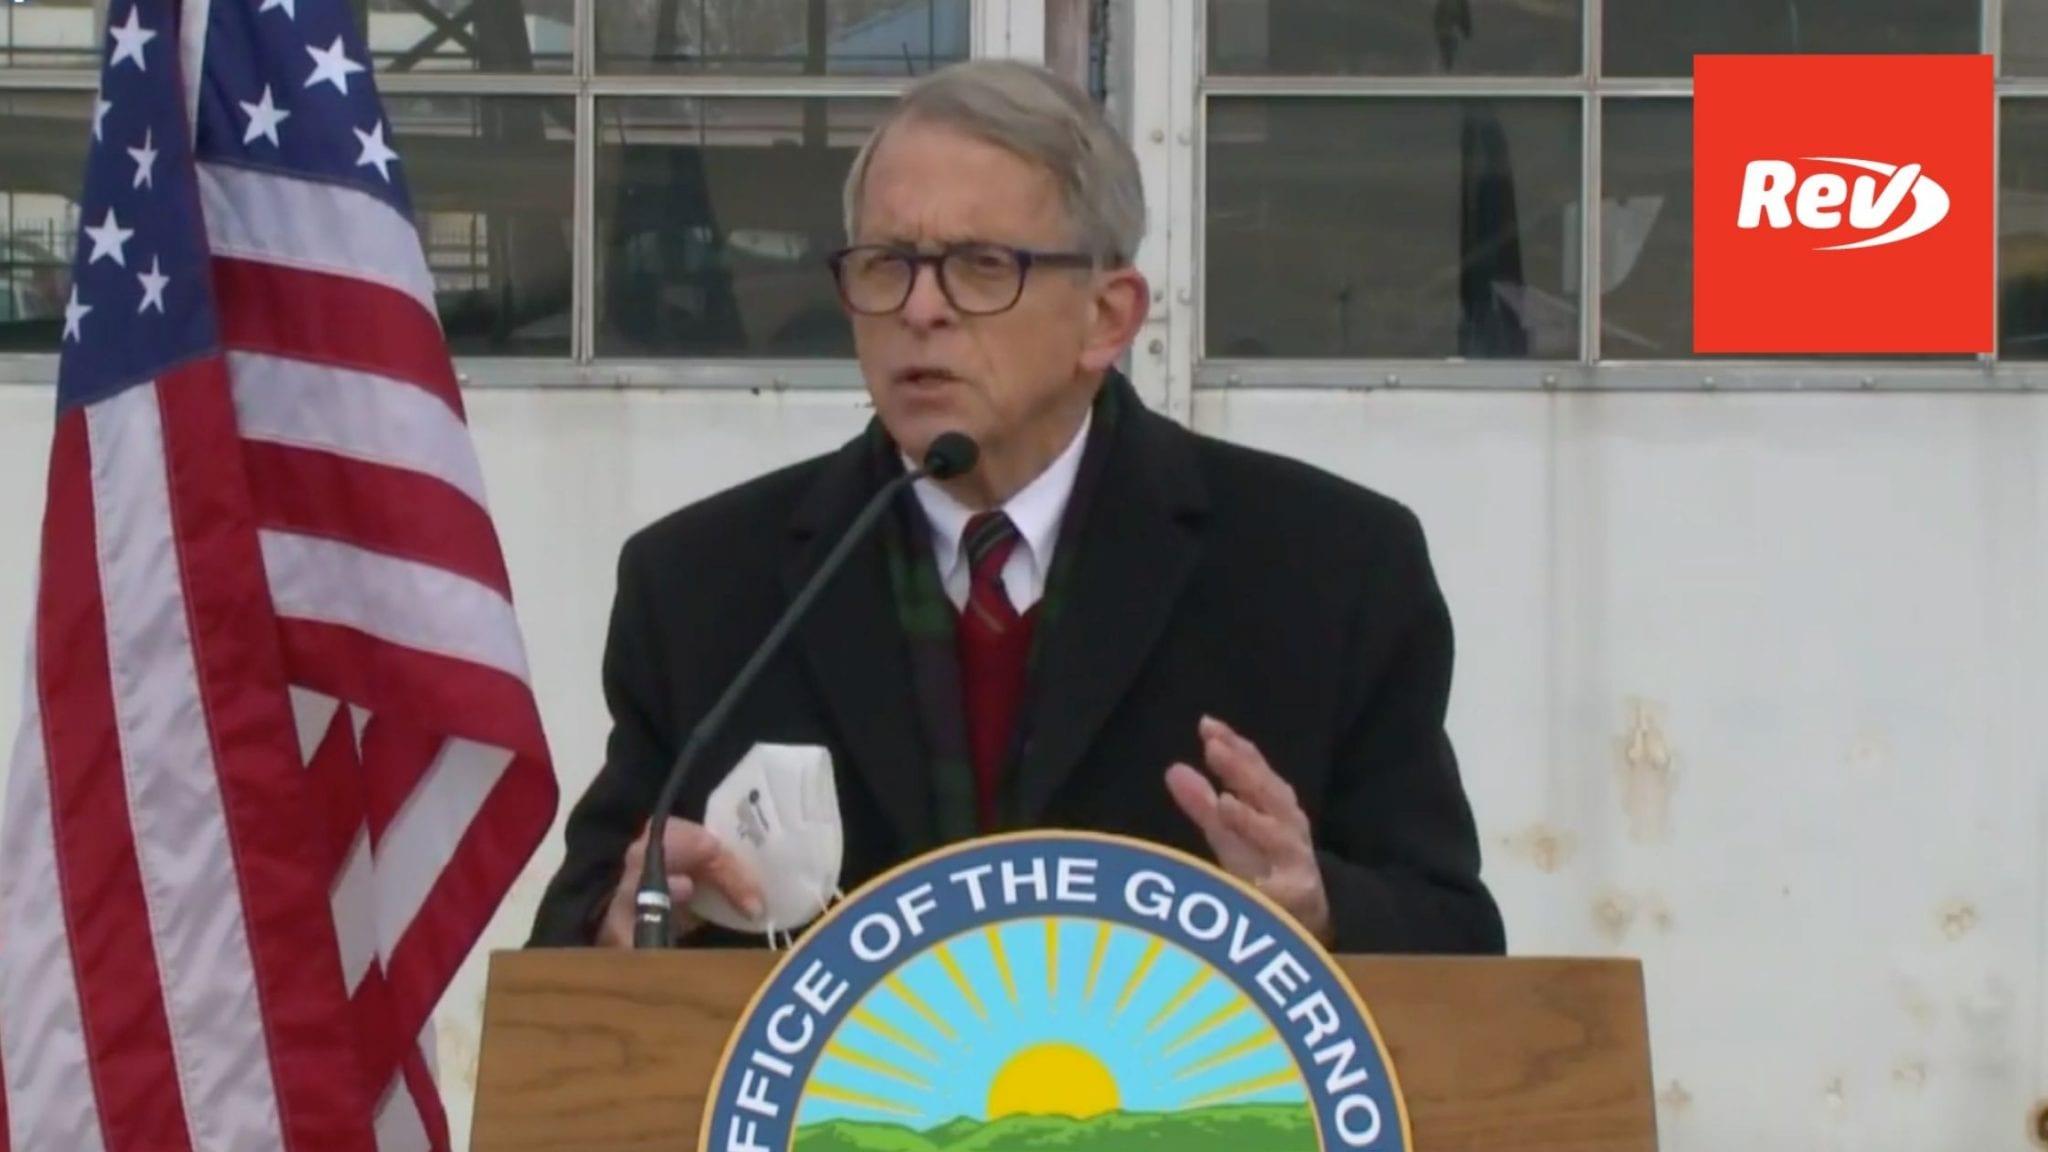 Ohio Gov. Mike DeWine COVID-19 Press Conference Transcript November 18